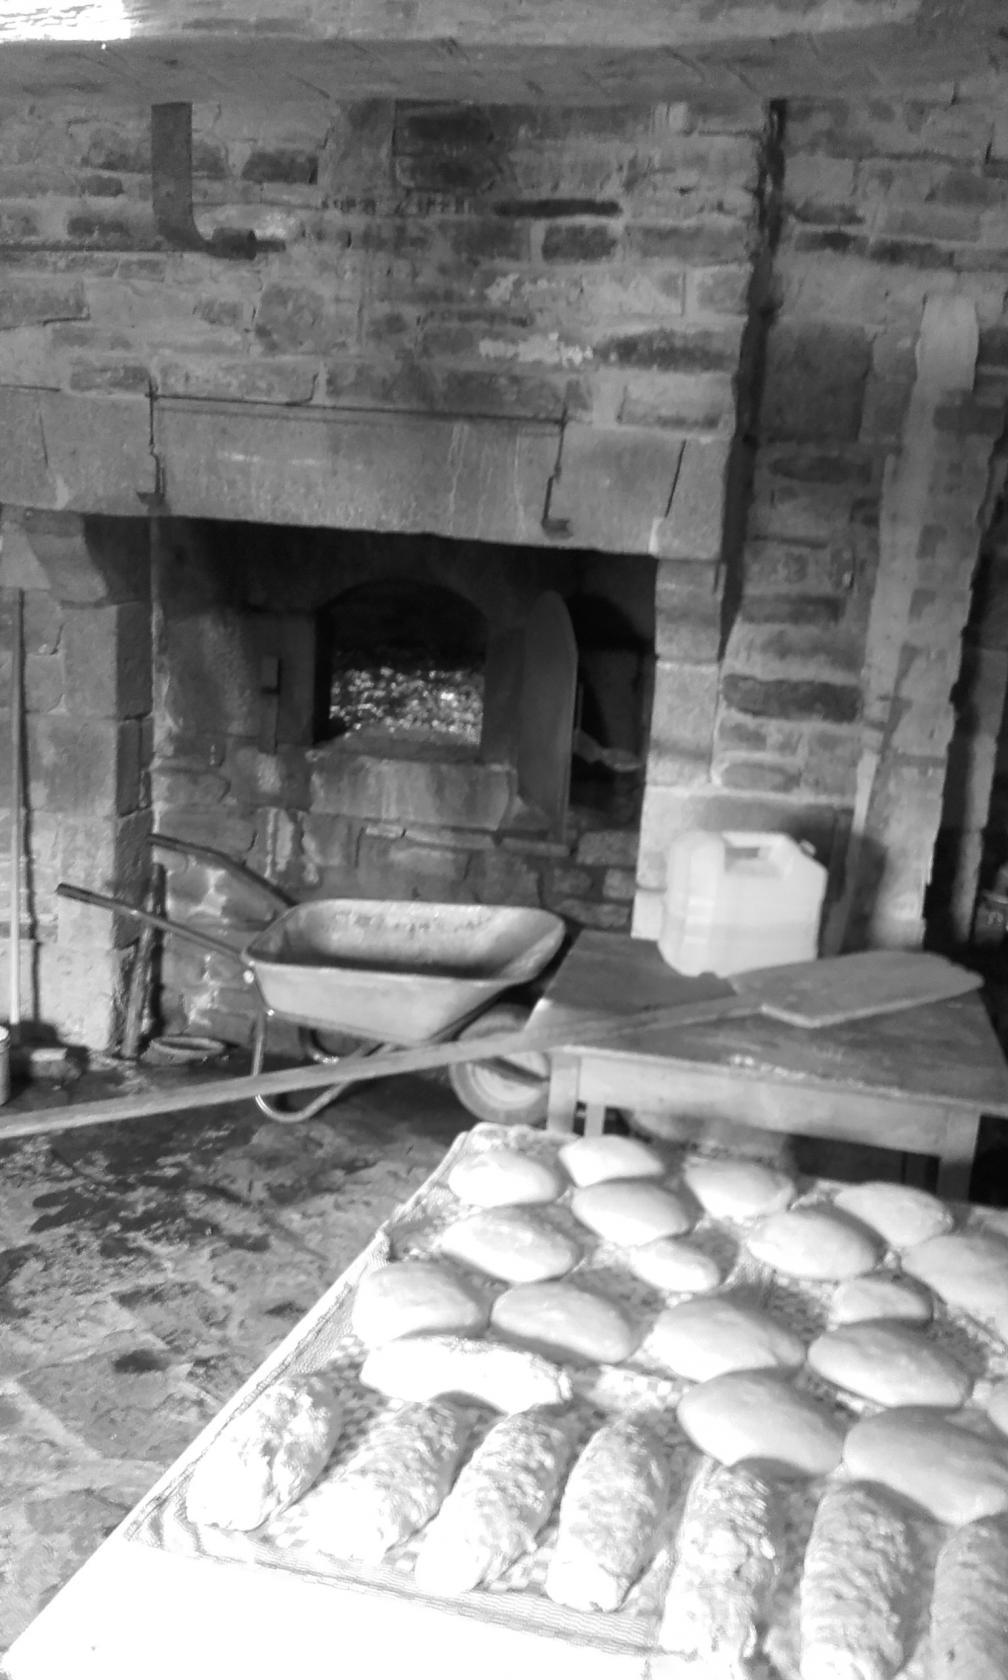 Cuissons de pain et modelage aux Journées du patrimoine Ger